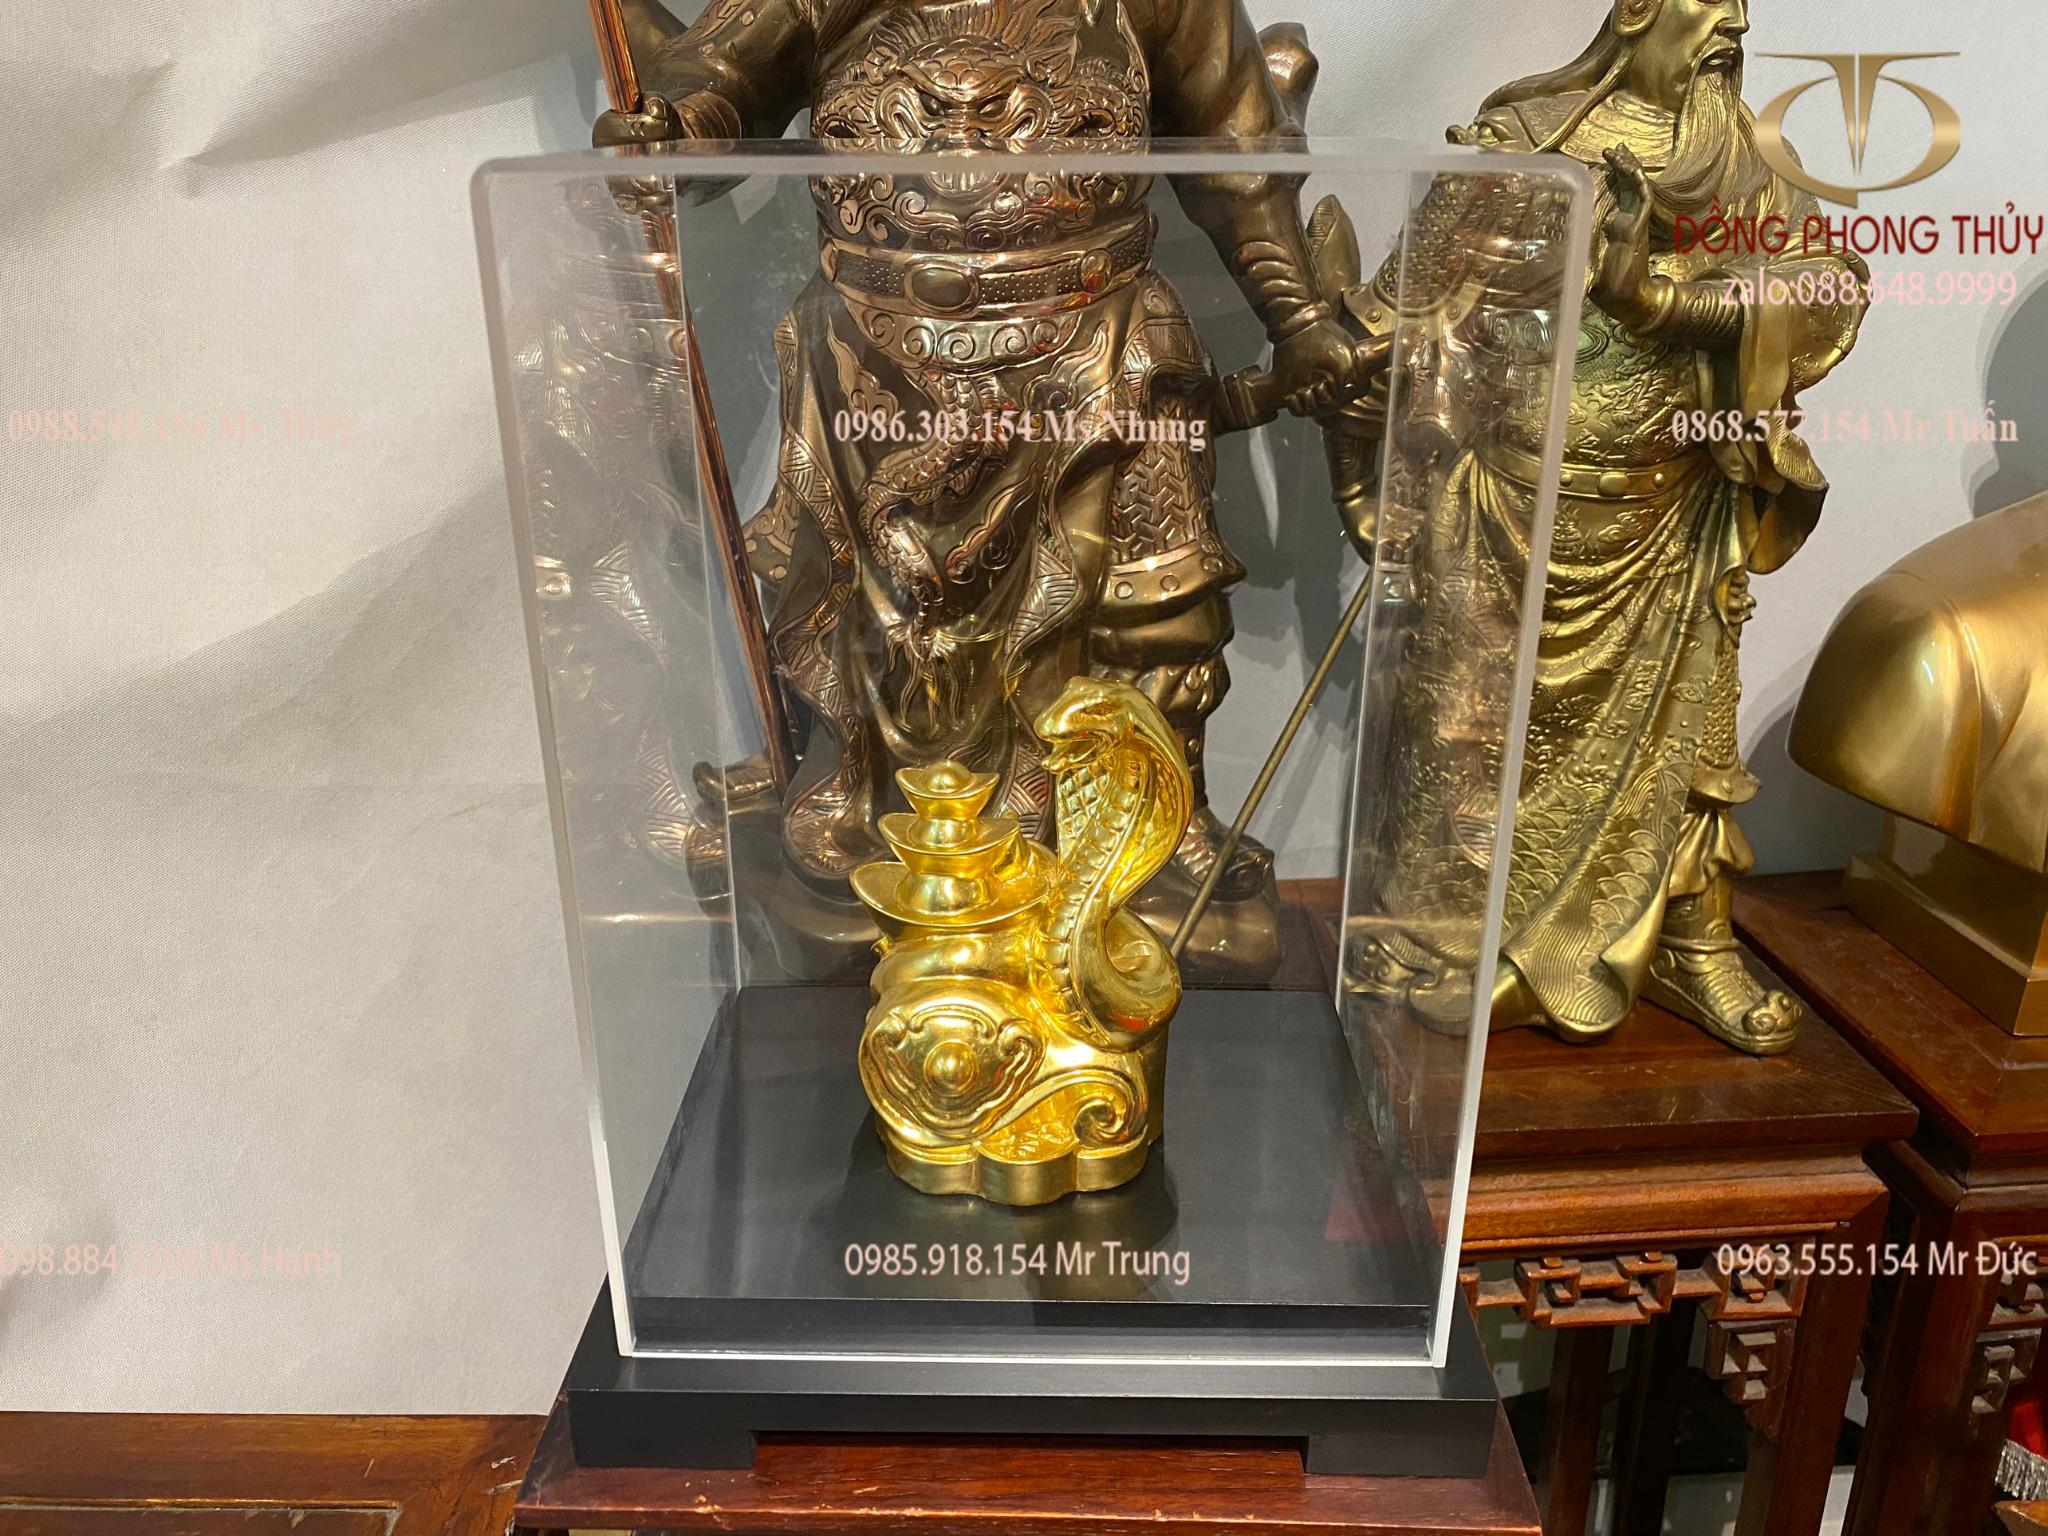 Quà tặng sếp: tượng rắn phong thủy ôm tiền bằng đồng dát vàng 24k